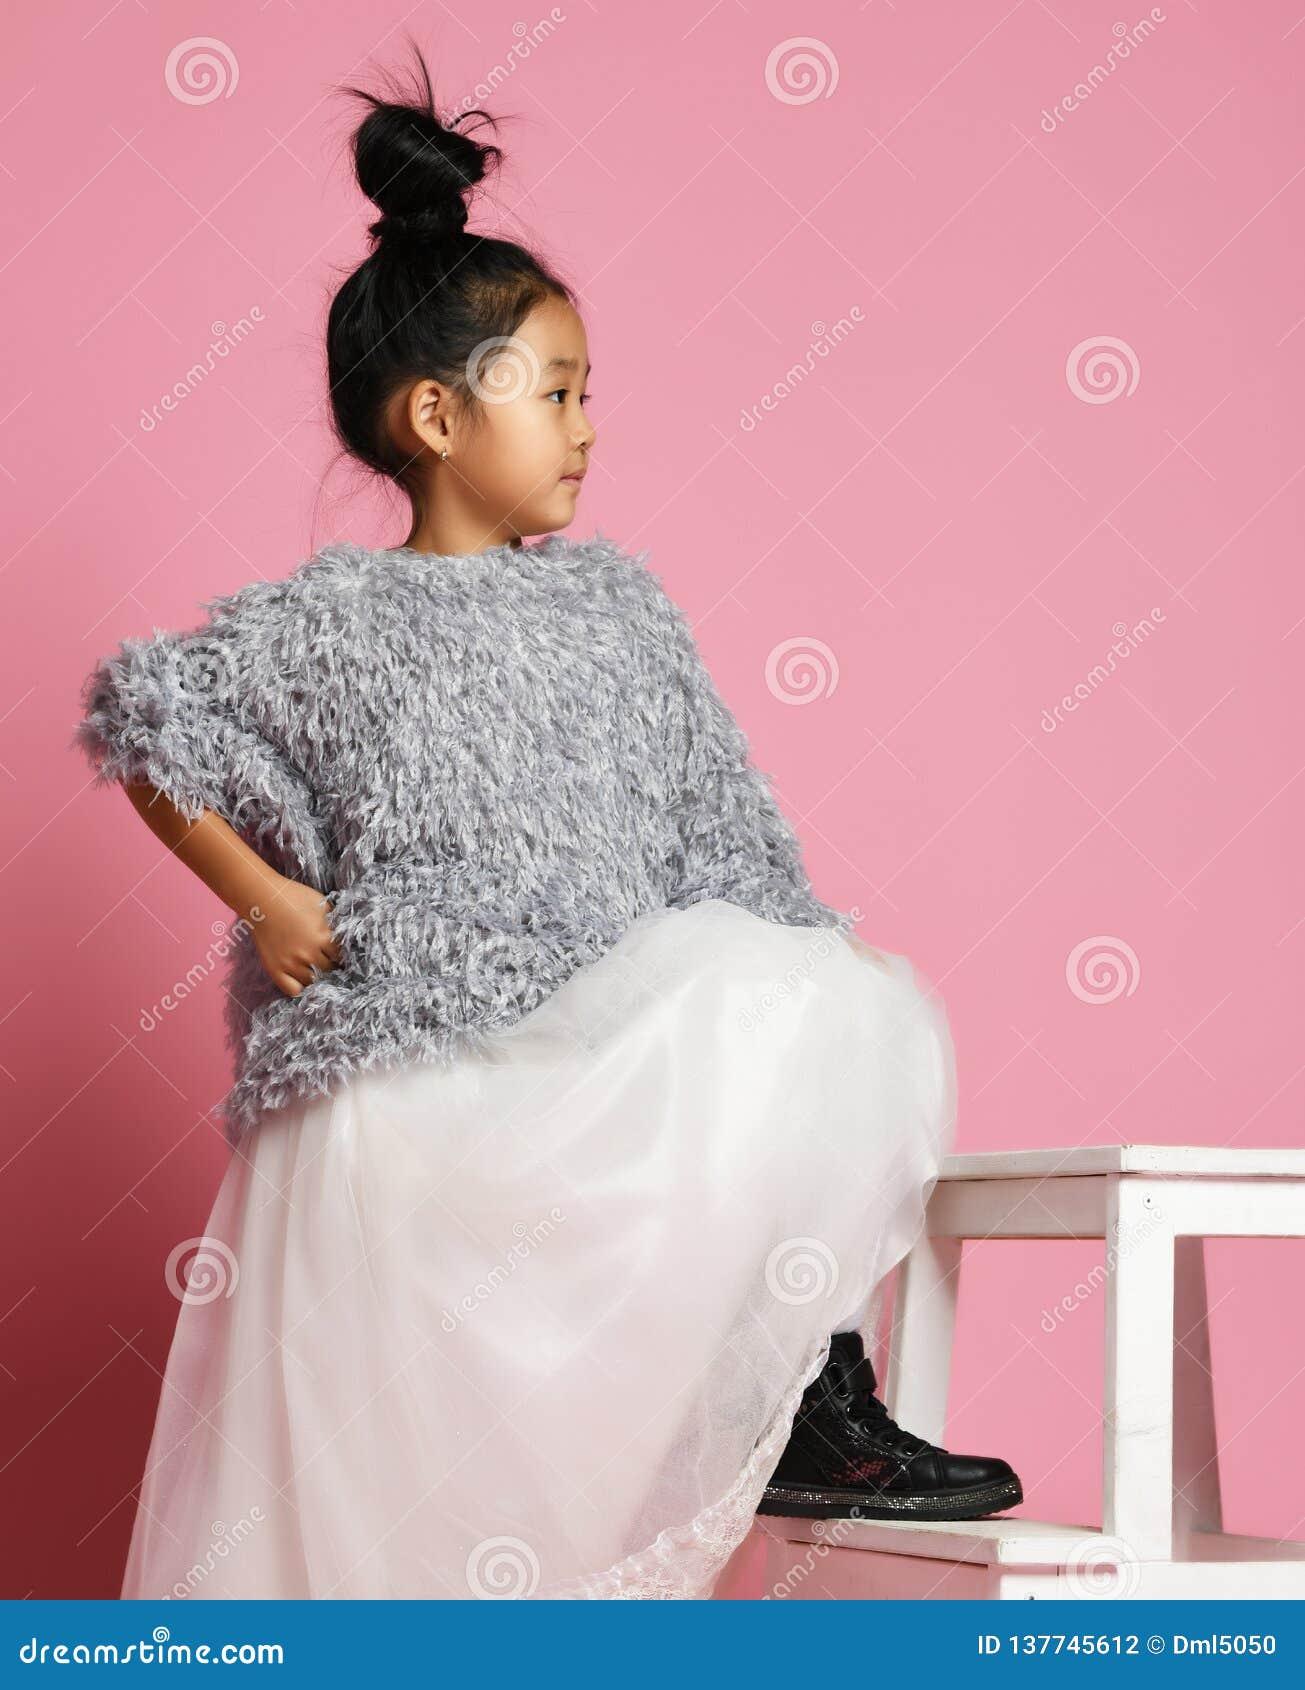 Νέο ασιατικό παιδί κοριτσιών στην πολύ άσπρη φούστα, το γκρίζο χνουδωτό πουλόβερ και τα μαύρα παπούτσια με το πόδι στο βήμα